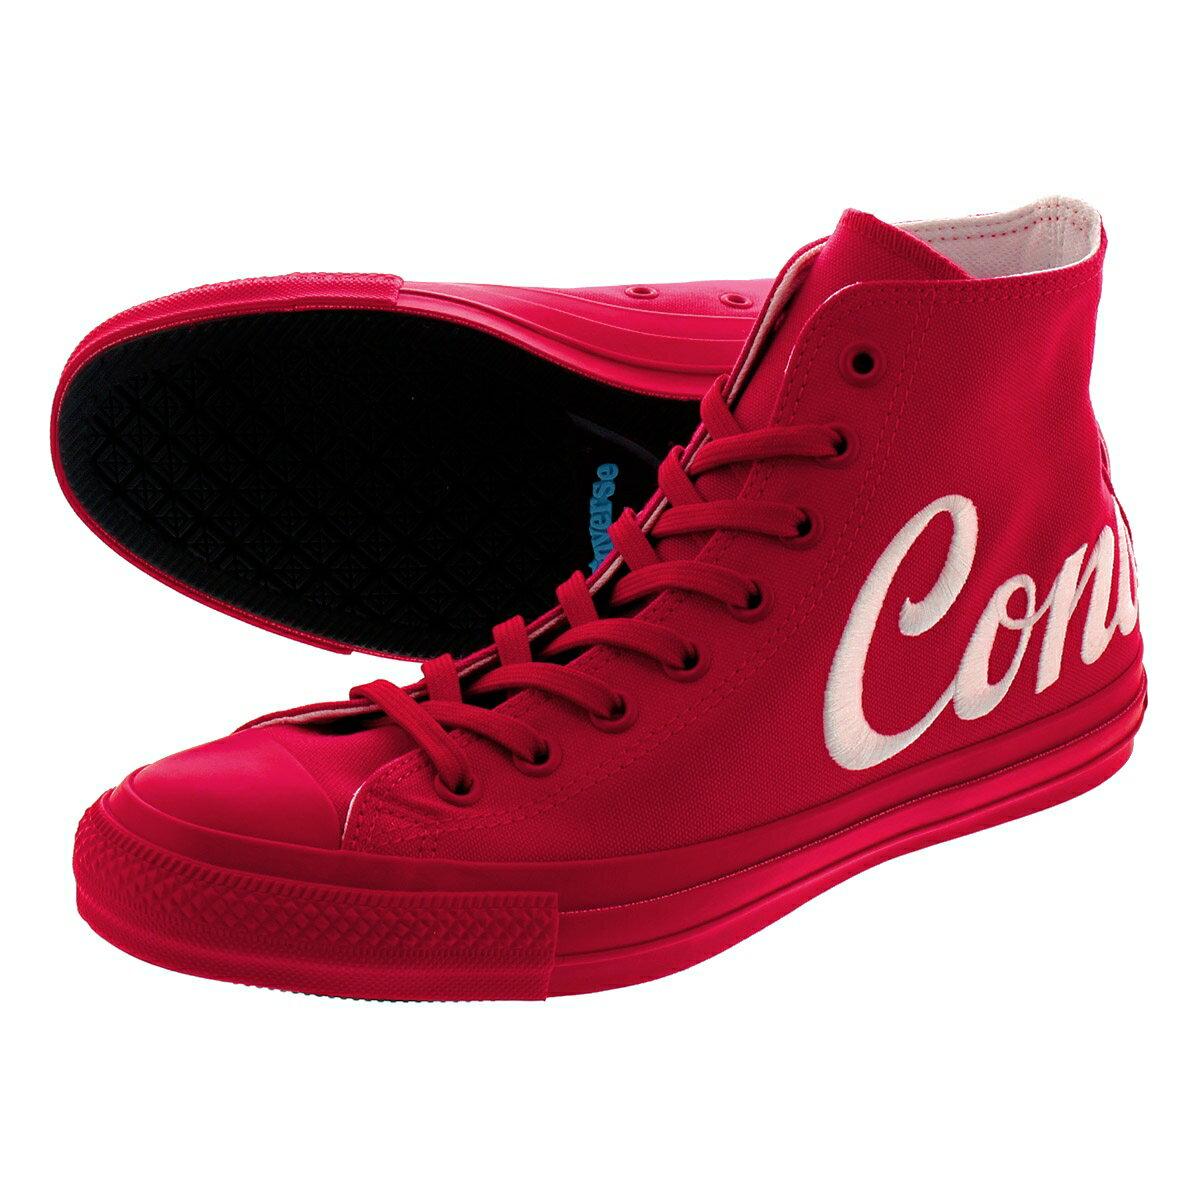 レディース靴, スニーカー  CONVERSE ALL STAR 100 LOGOEMBROIDERY HI 100 RED 31300900